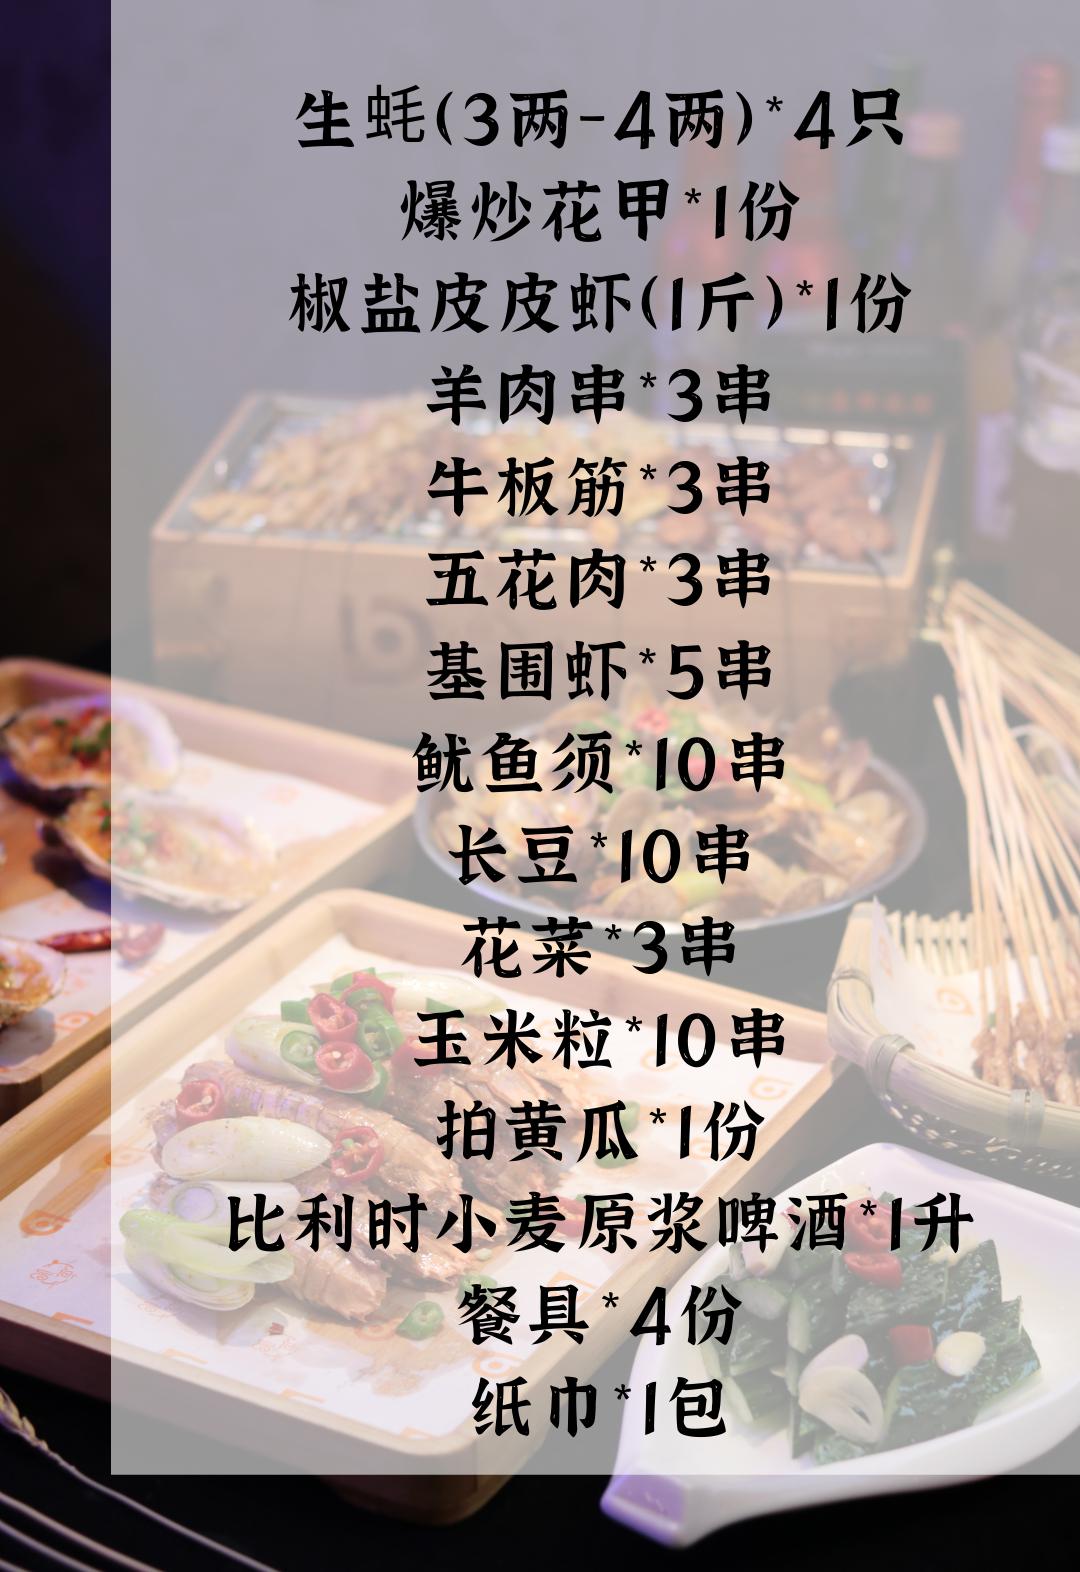 【江苏·无锡】湖滨商业街 | 点吧·海鲜烧烤仅99元享门市价352元的【海鲜烧烤4人餐】,烤生蚝(3两-4两)*4只、椒盐皮皮虾1斤、爆炒花甲、羊肉串、五花肉……8090来一波回忆杀,这家店你值得打卡~